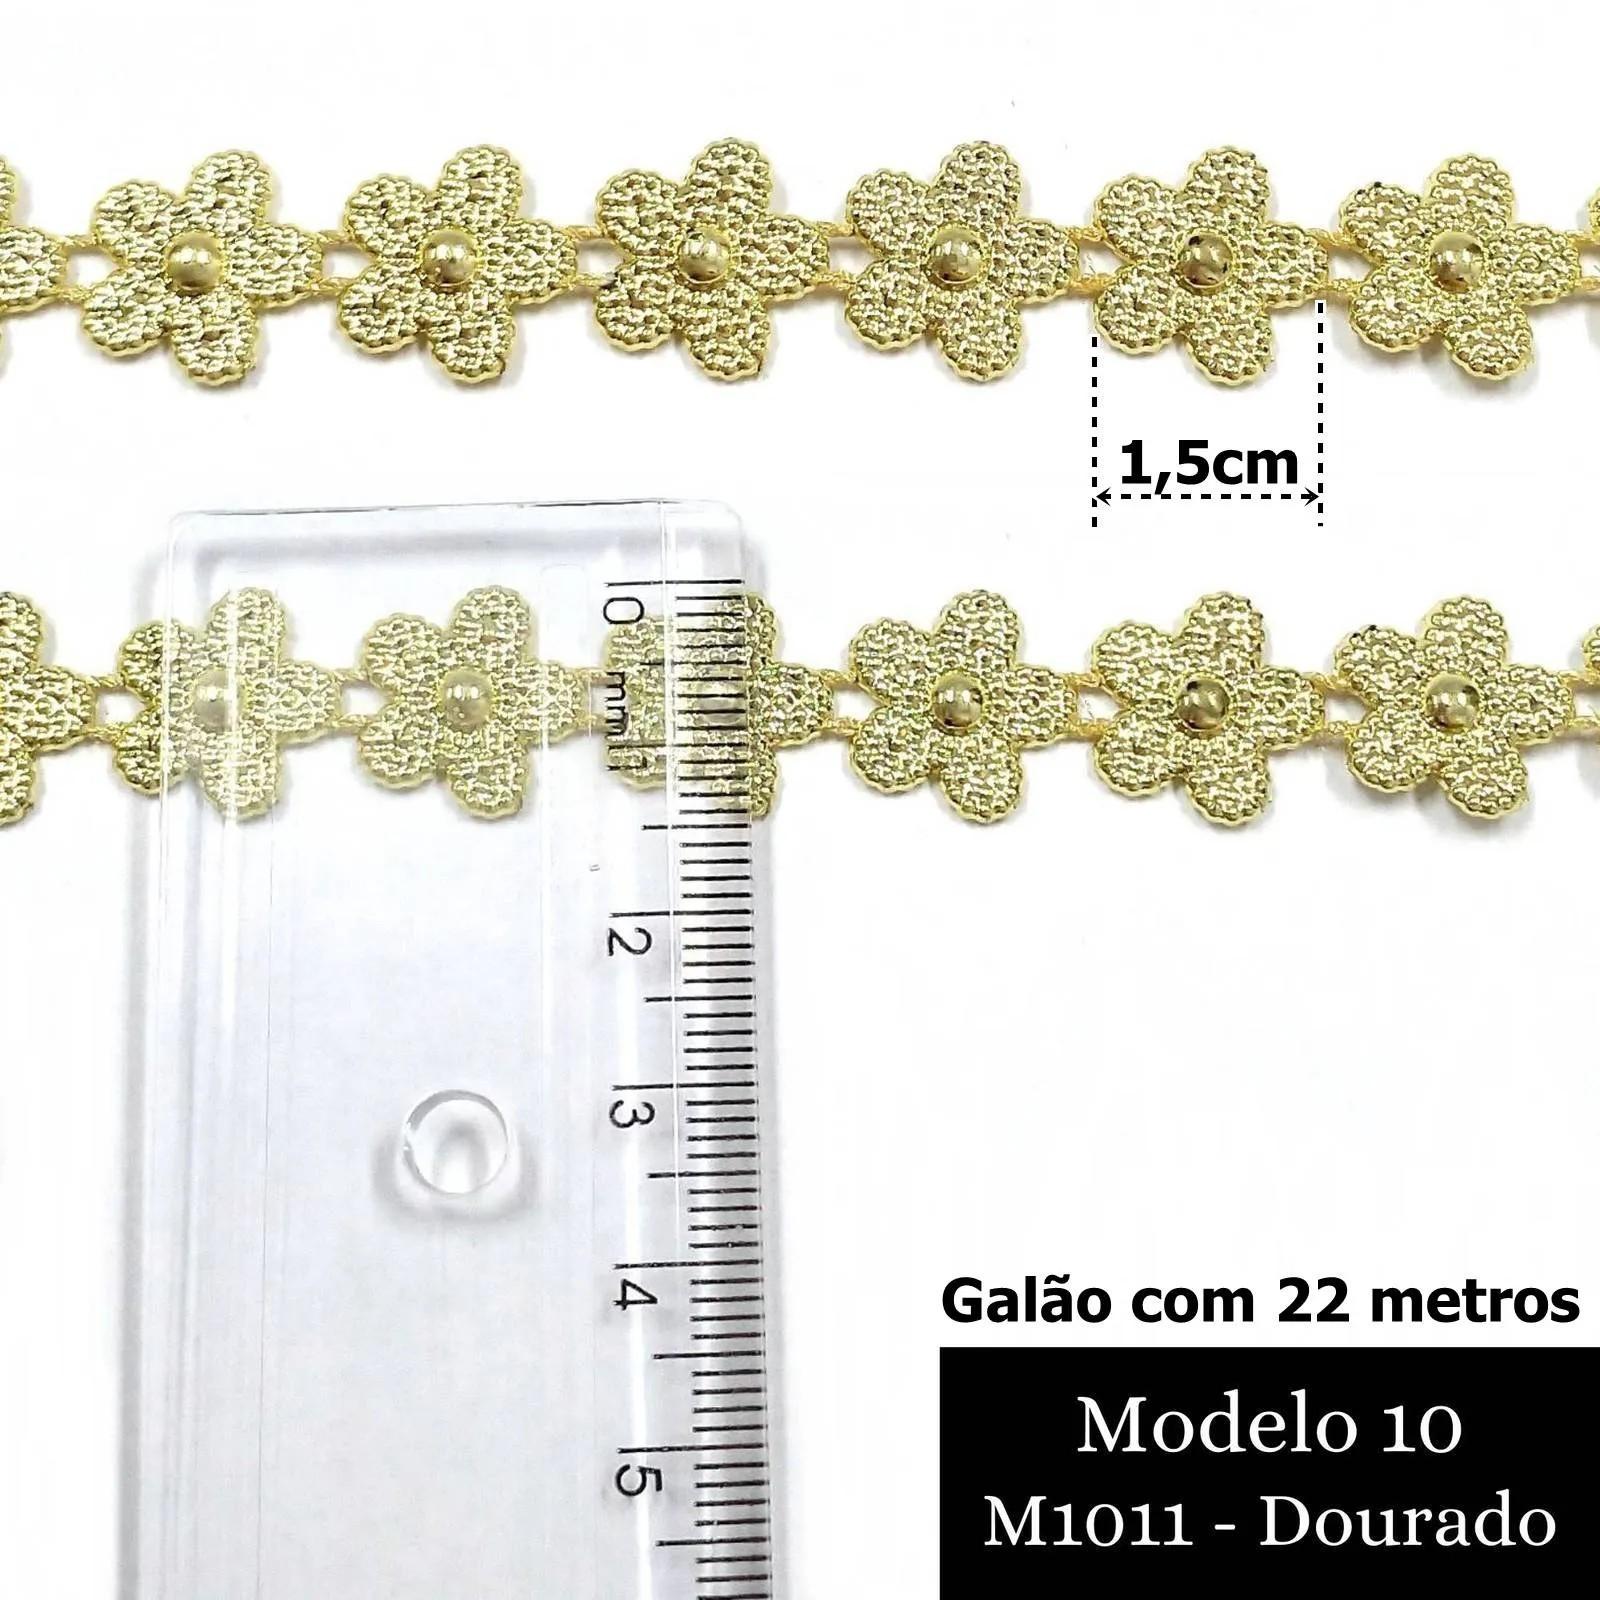 Galão Corrente / Aljofre Plástico com Diversos Formatos